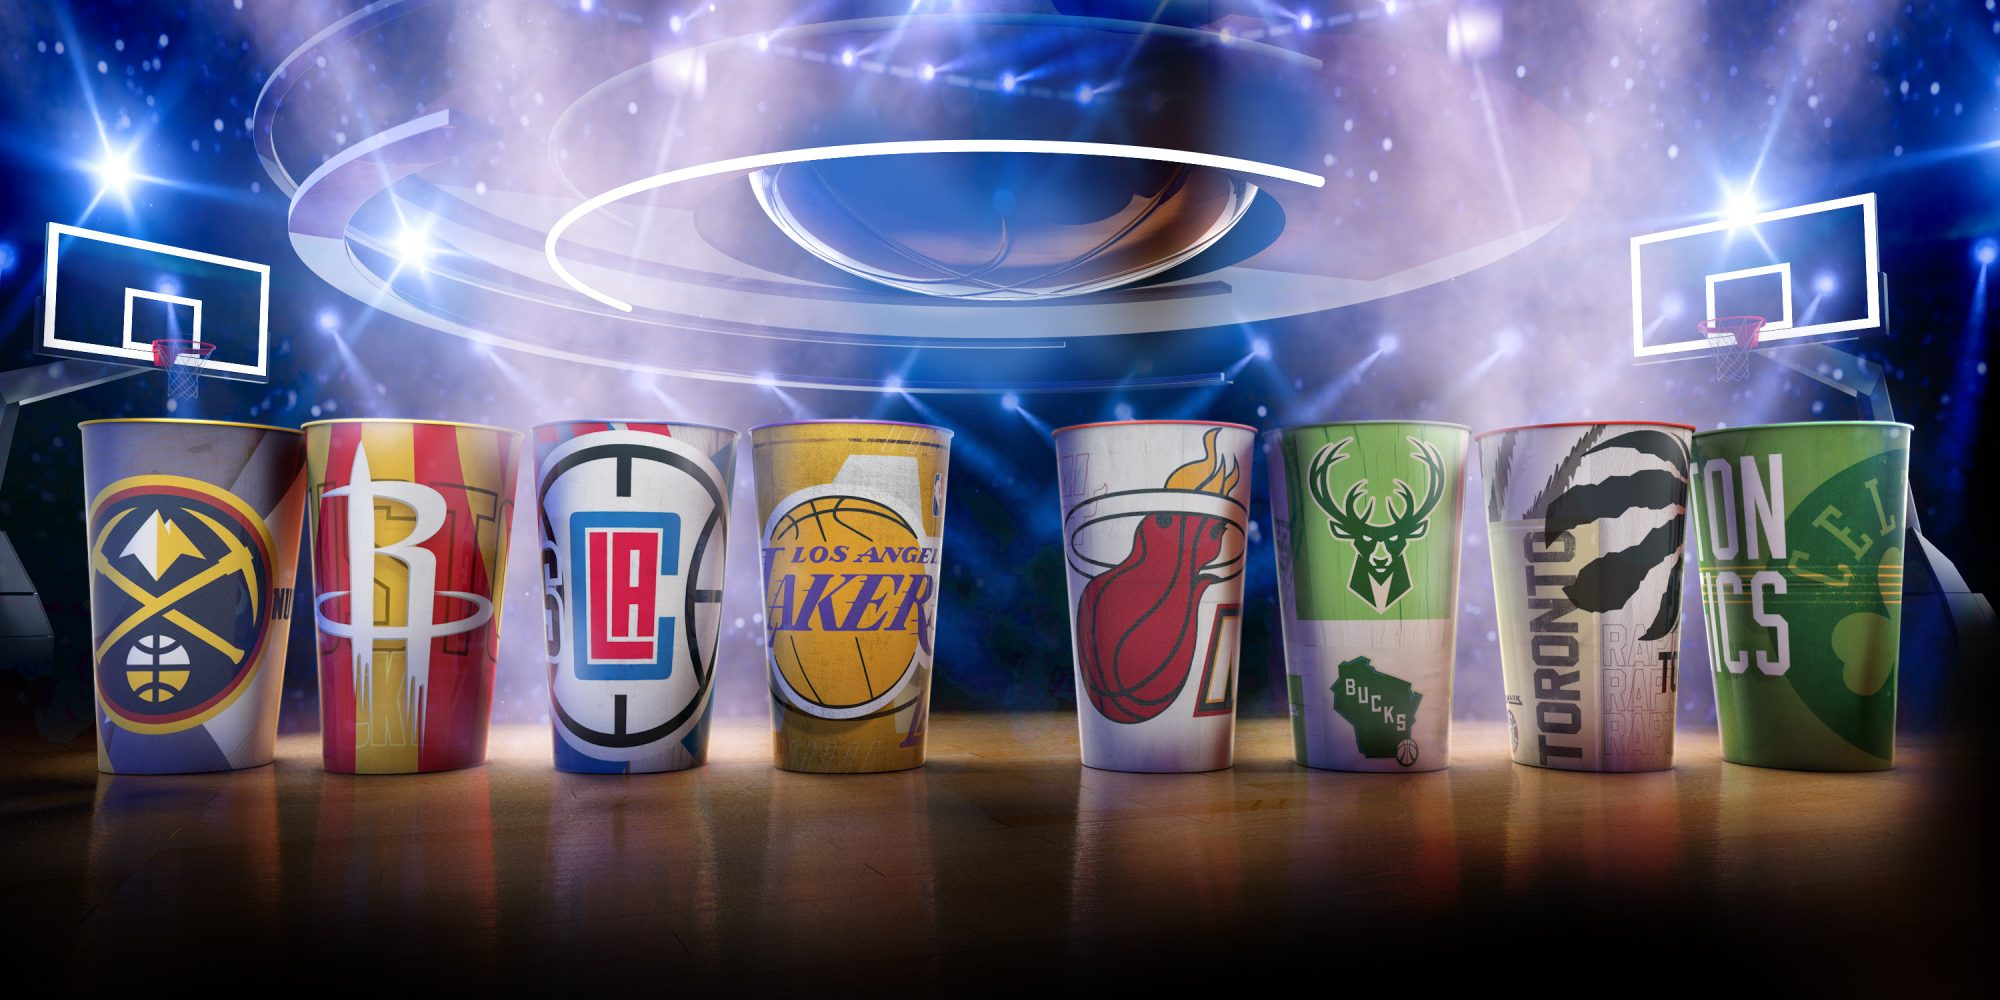 NBA e Cinemark anunciam parceria e lançam balde-bola de pipoca e coleção exclusiva de copos